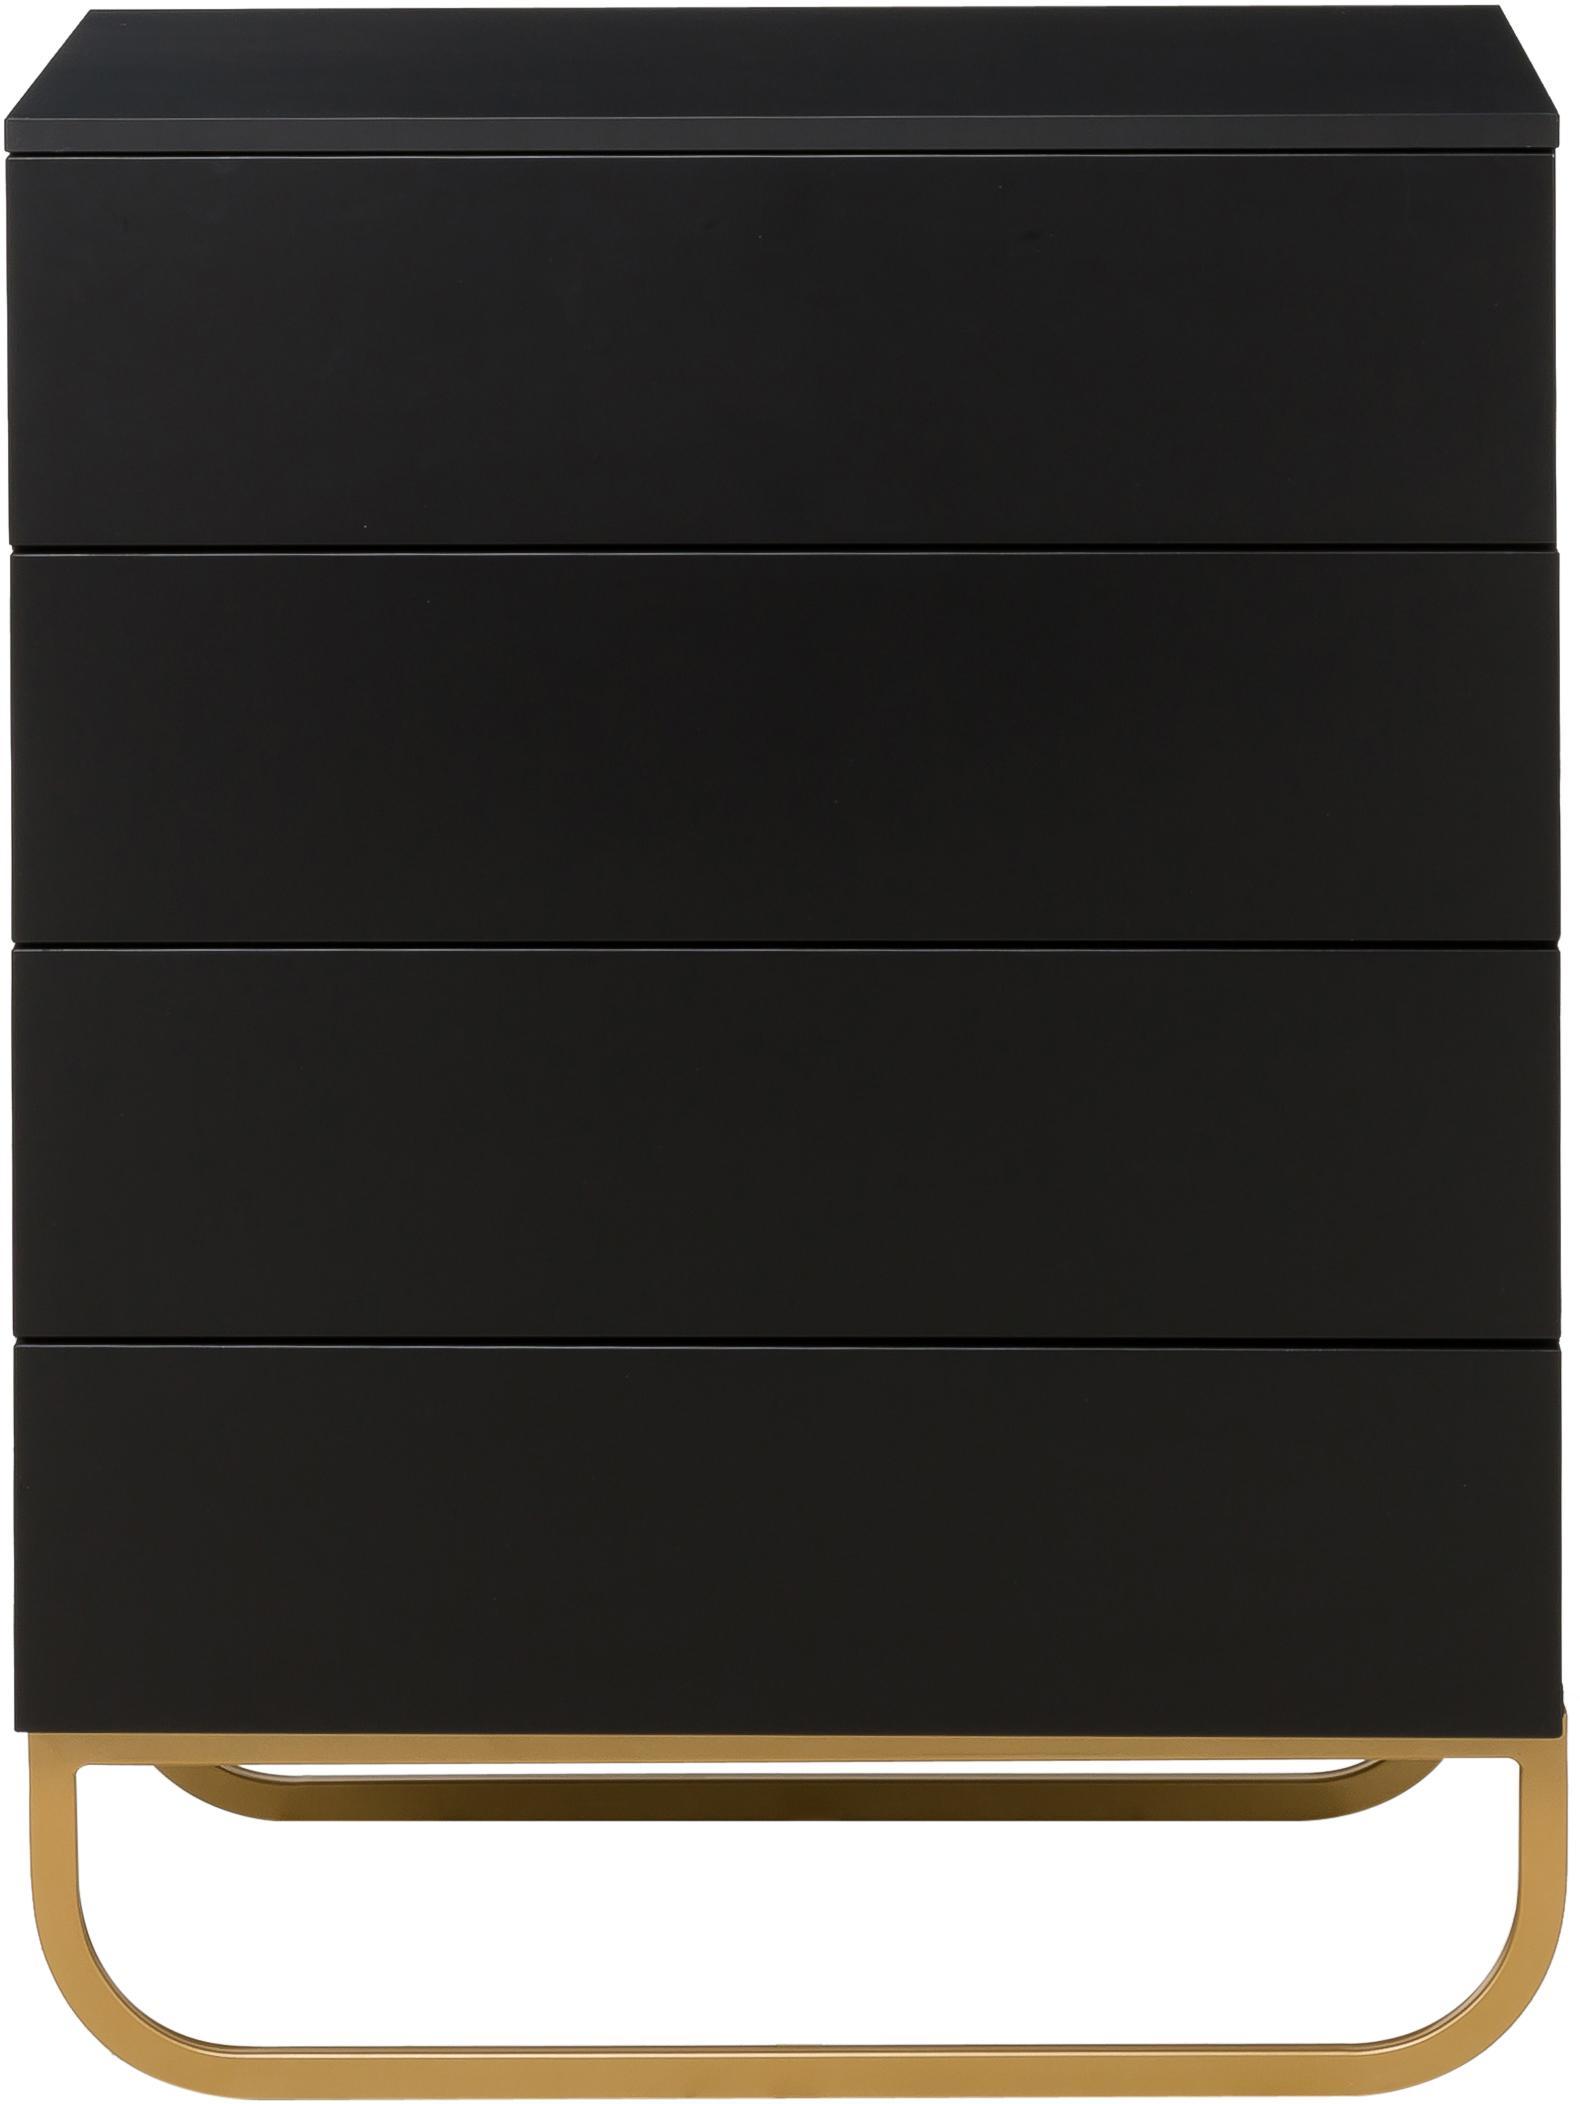 Szafka z szufladami Sanford, Korpus: płyta pilśniowa średniej , Korpus i tył: czarny, matowy Podstawa: odcienie złotego, matowy, S 80 x W 106 cm